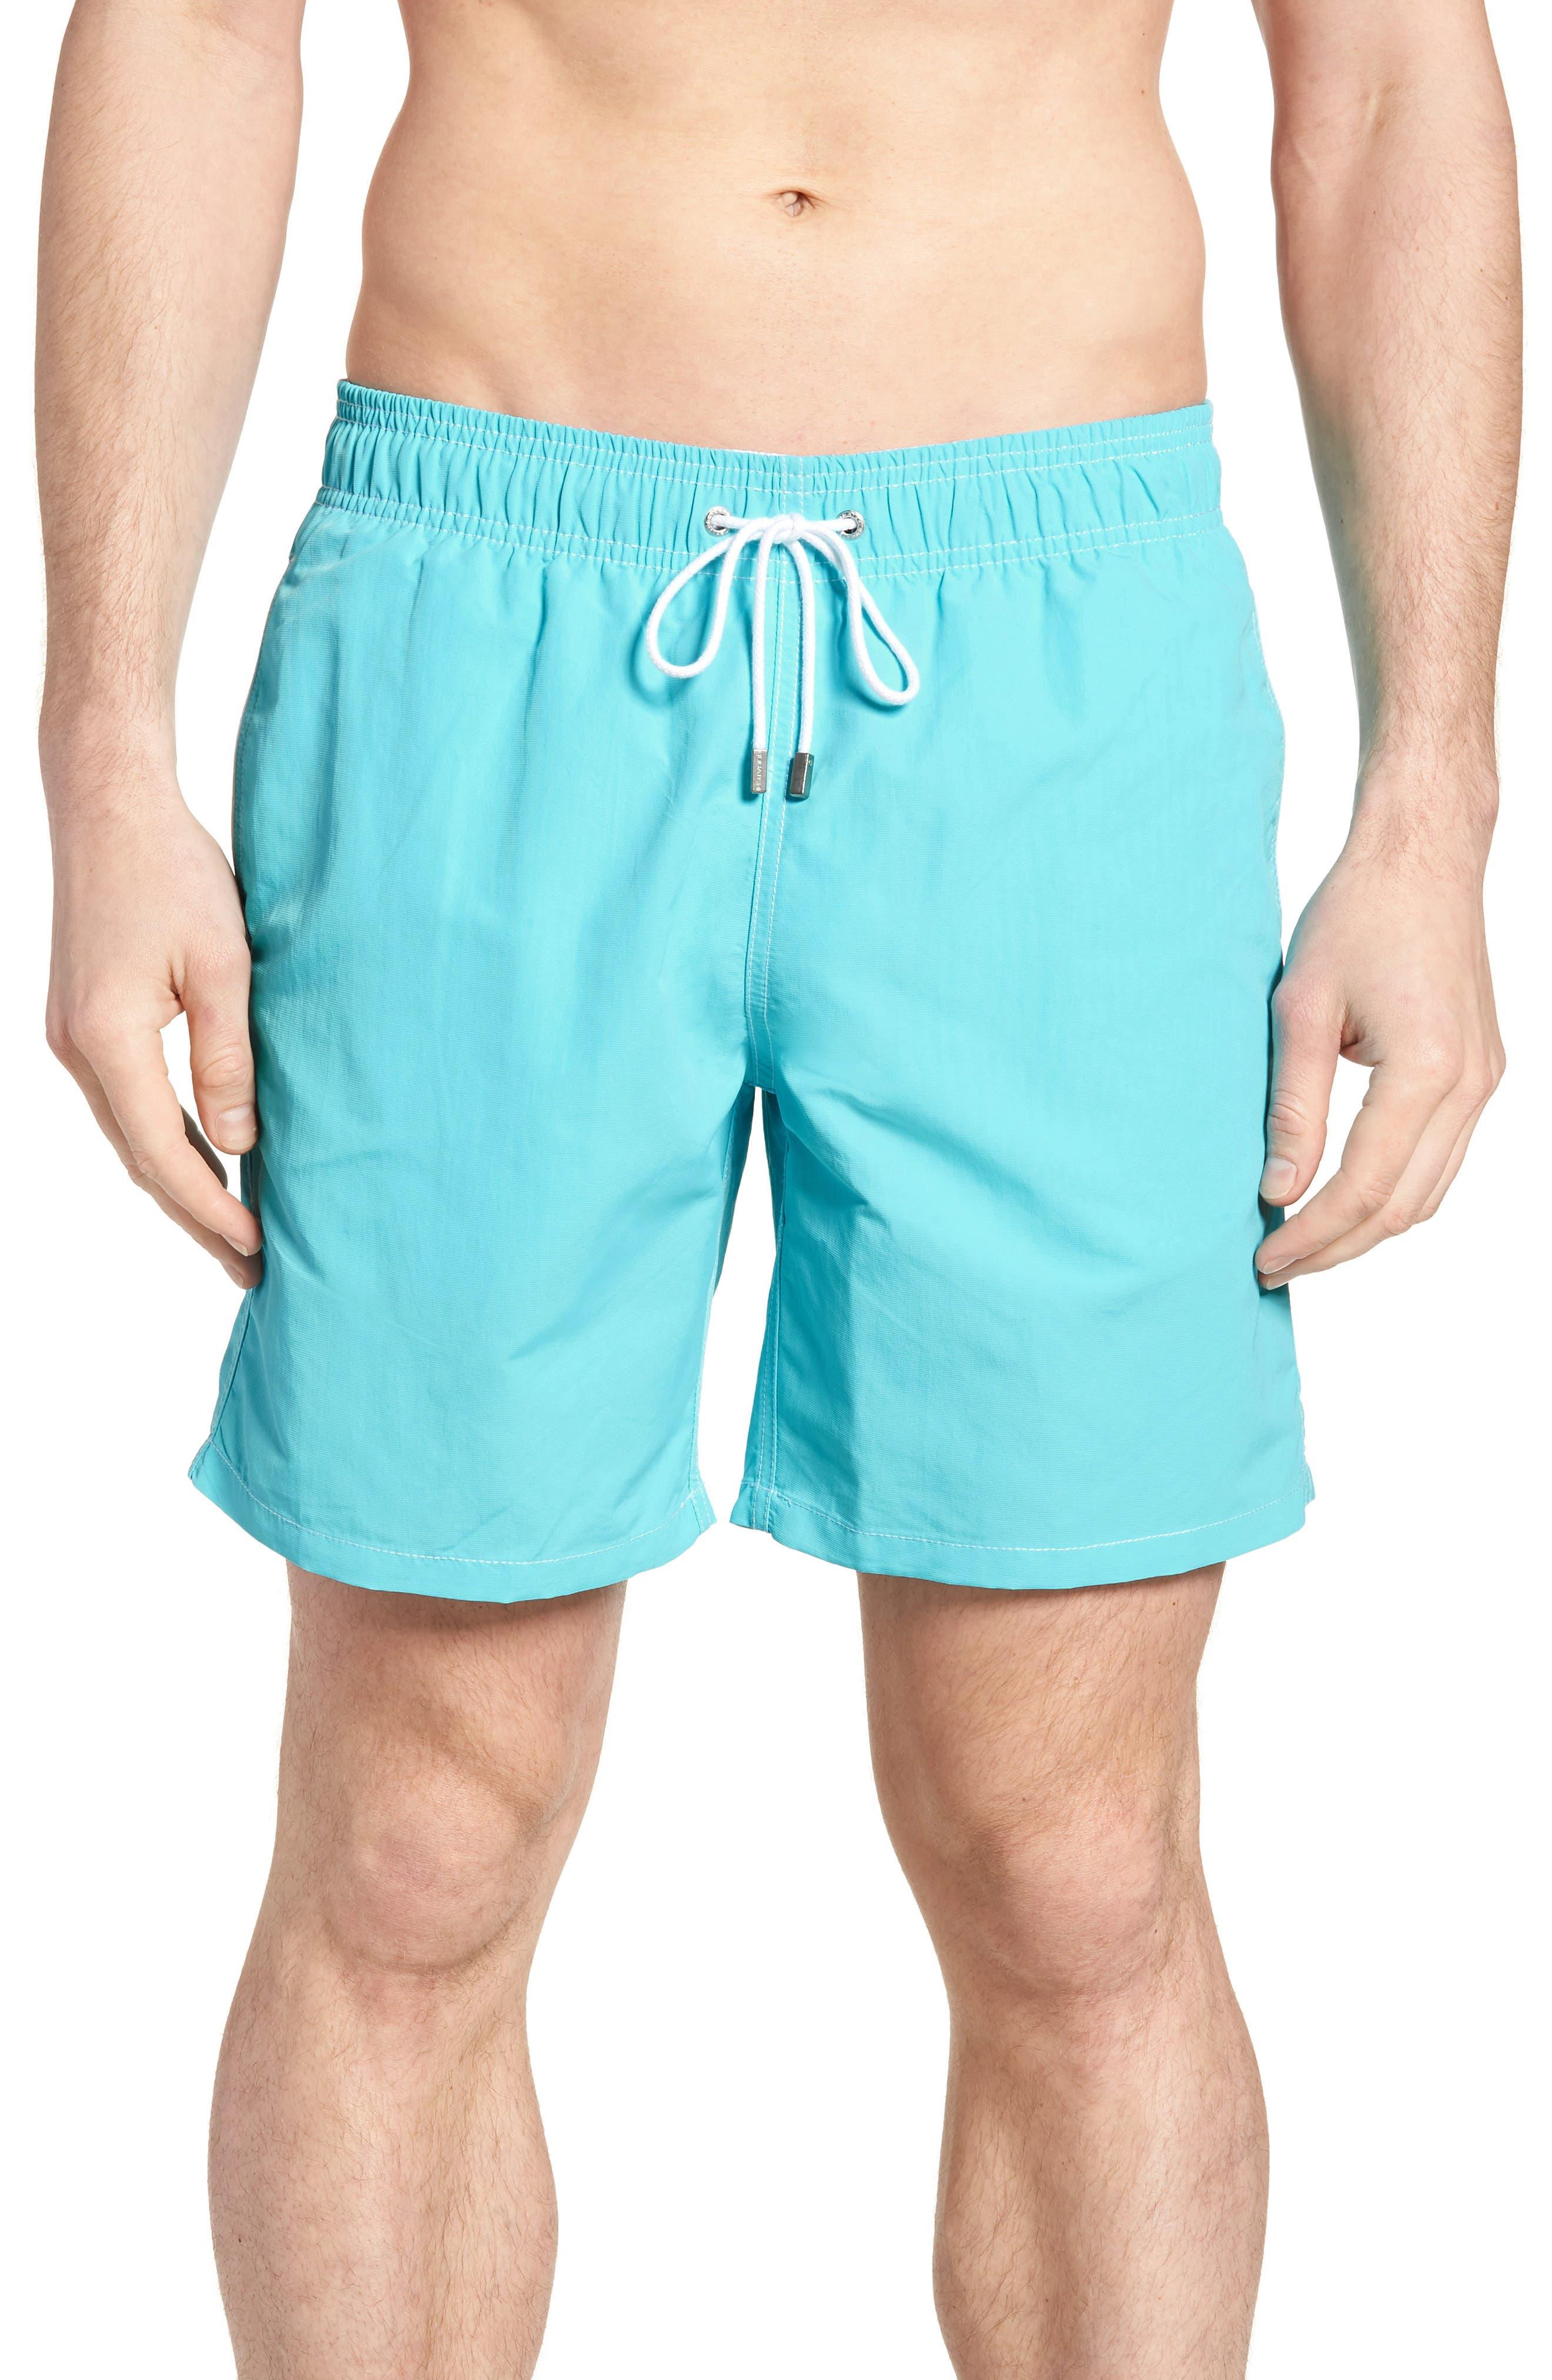 Swim Trunks,                         Main,                         color, Aqua